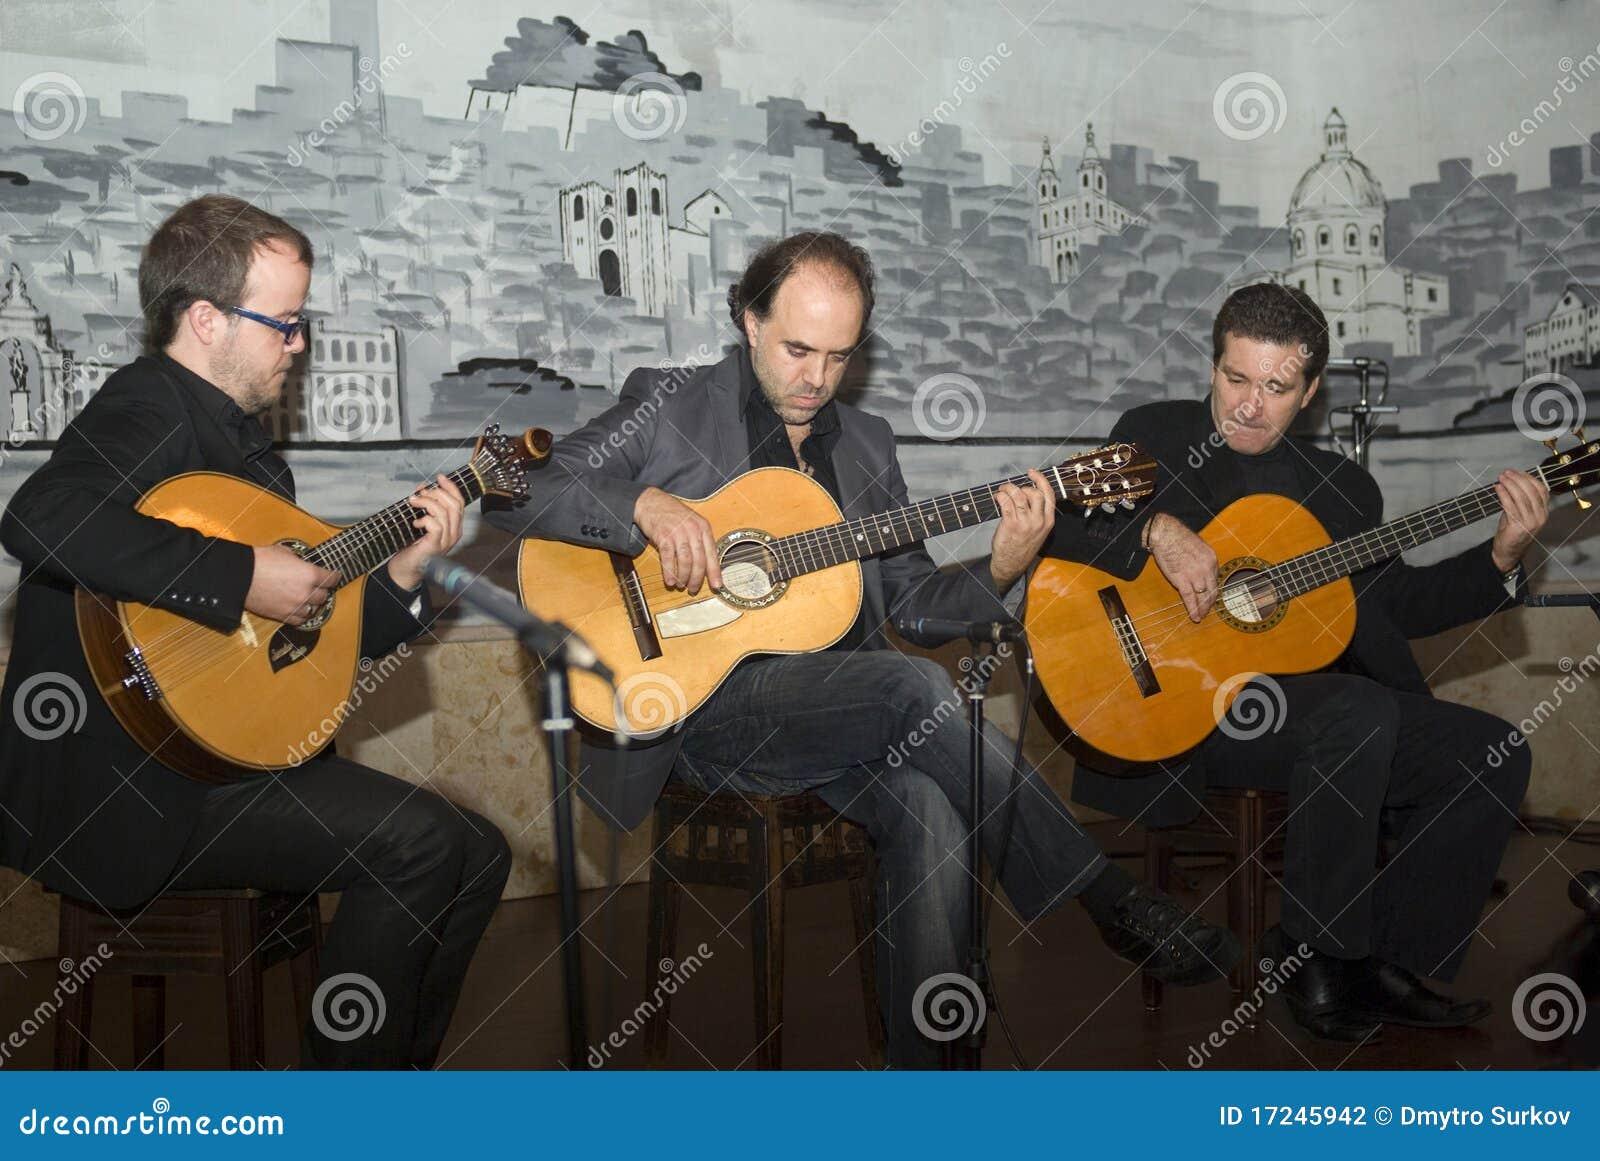 Tocar del ?Fado? - una guitarra portuguesa tradicional